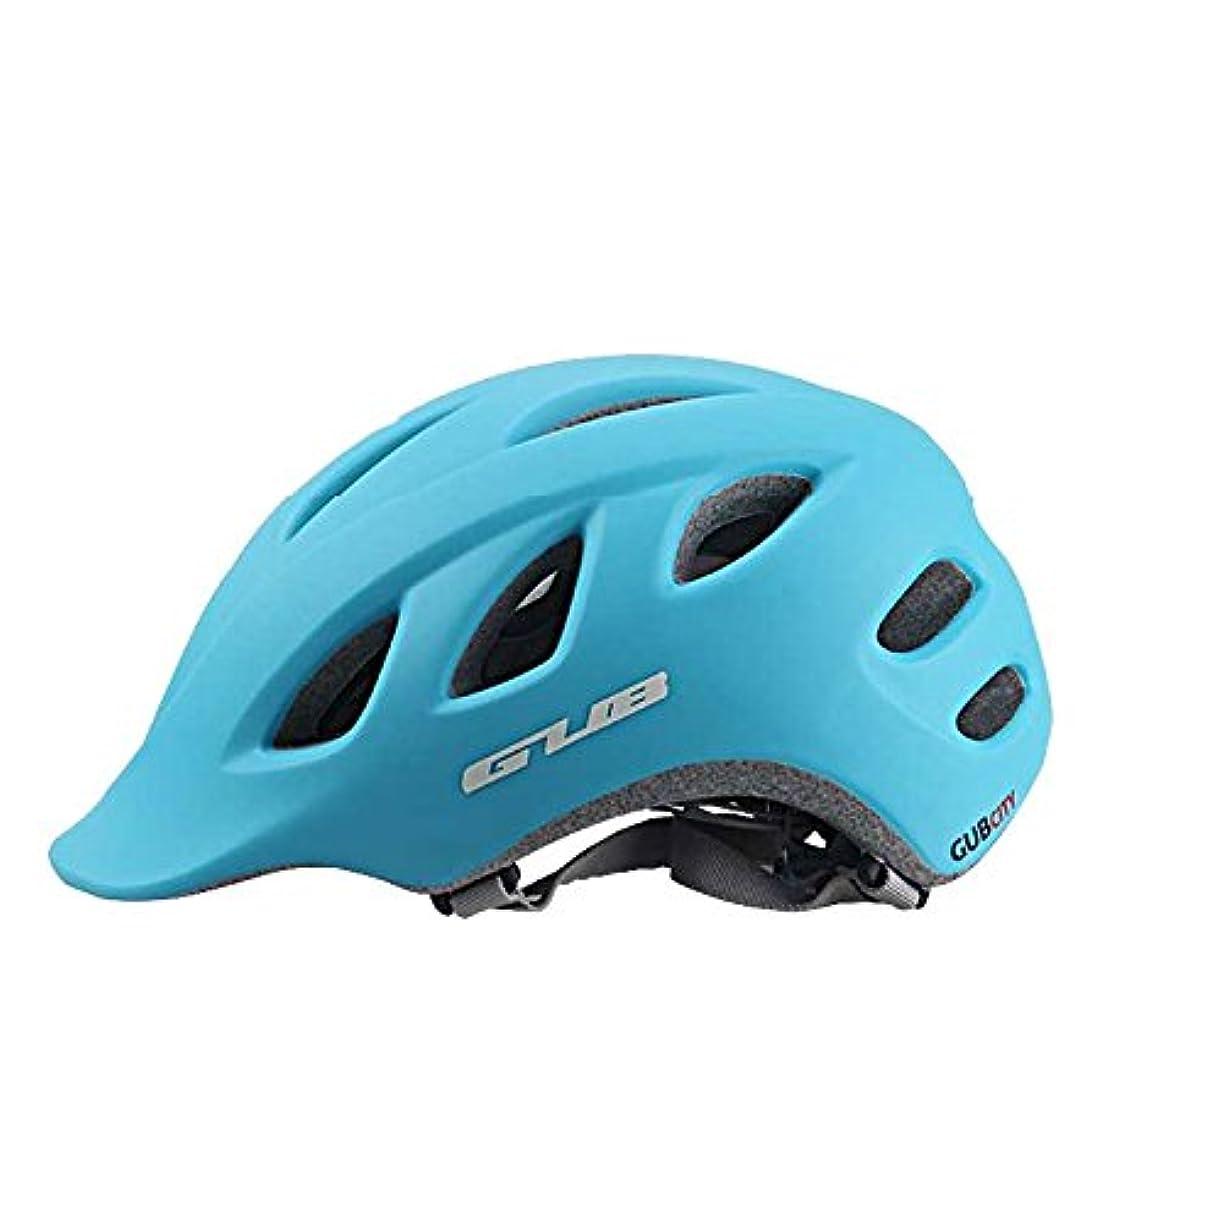 フルーティー登る浮くGUB City E半分シェル – 自転車ヘルメット(型内、固定、57 – 60 cm、大人用、ユニセックス)によってUvex